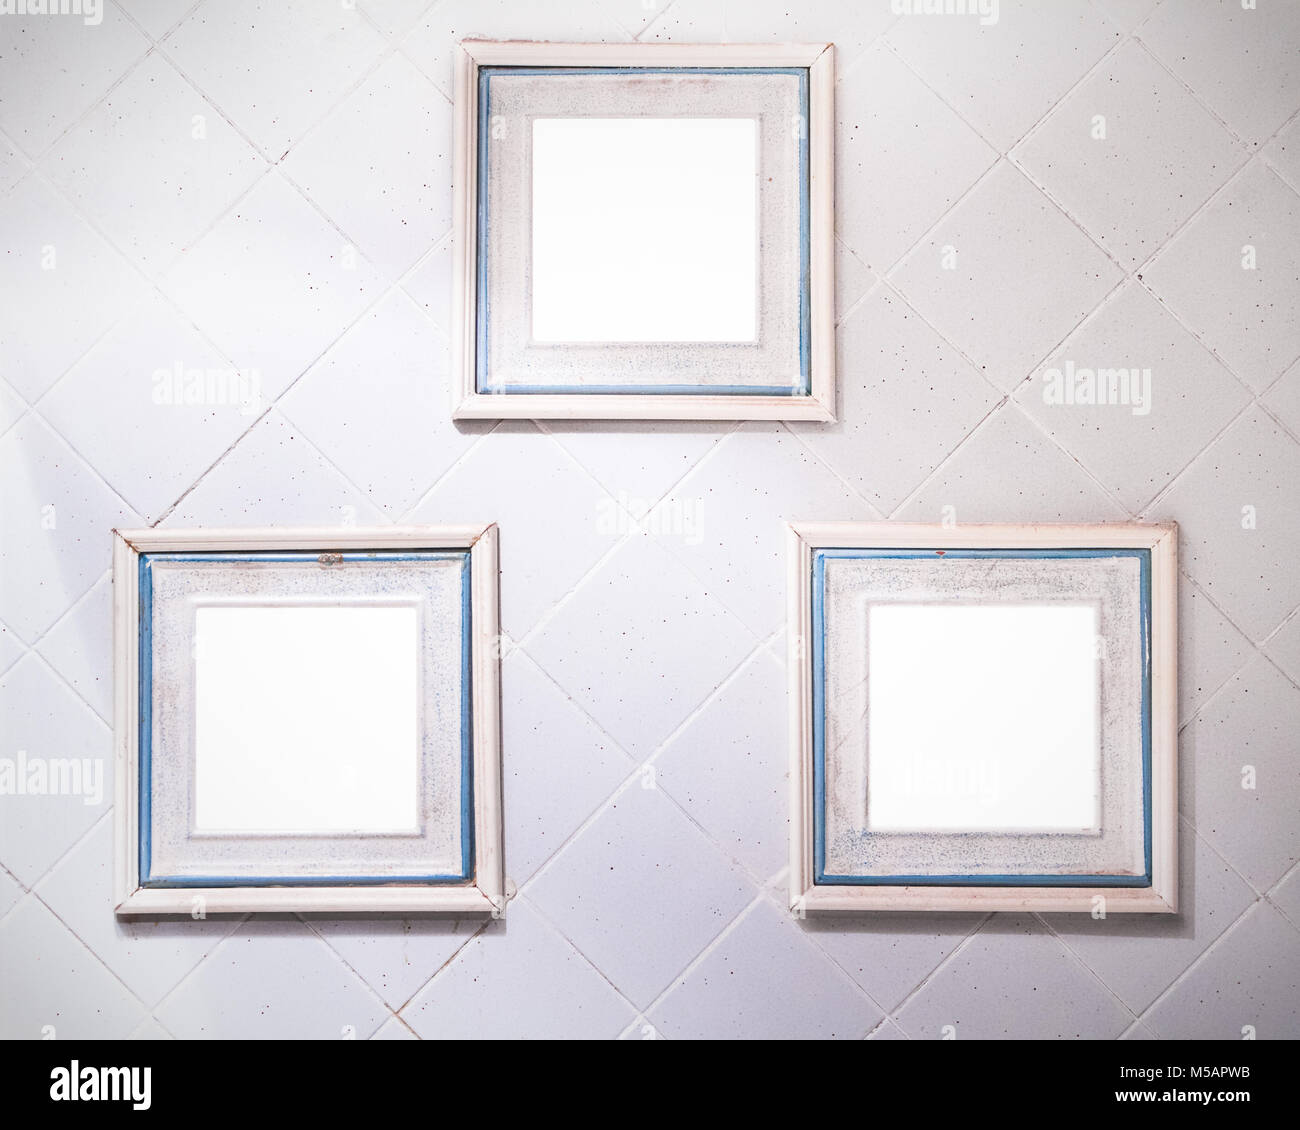 Ziemlich Framing Eine Tür Fotos - Rahmen Ideen - markjohnsonshow.info